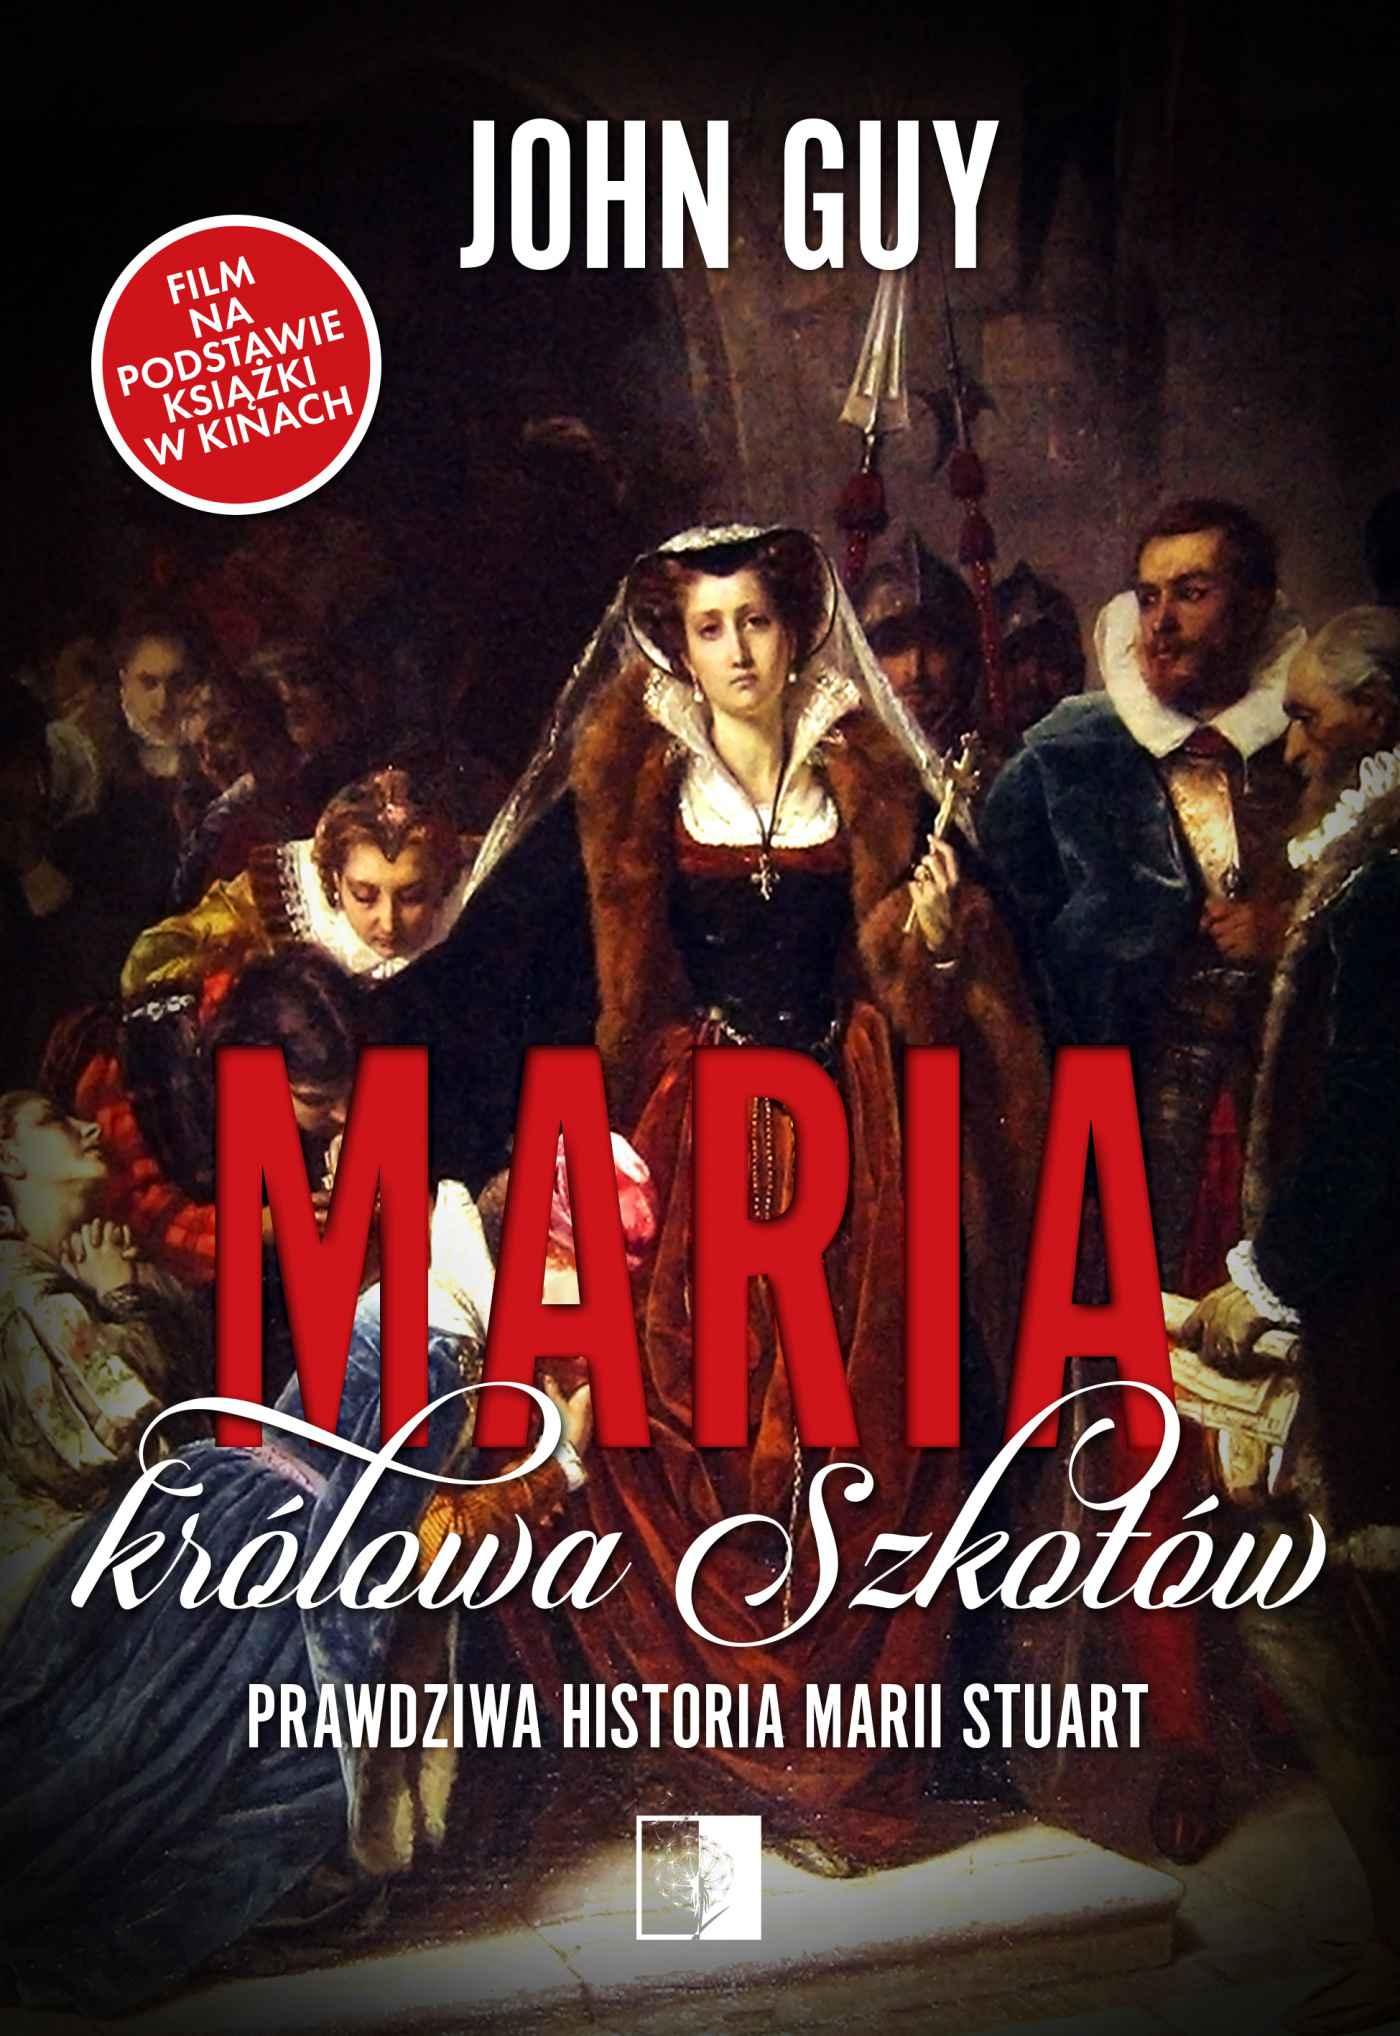 Maria królowa Szkotów. Prawdziwa historia Marii Stuart - Ebook (Książka EPUB) do pobrania w formacie EPUB